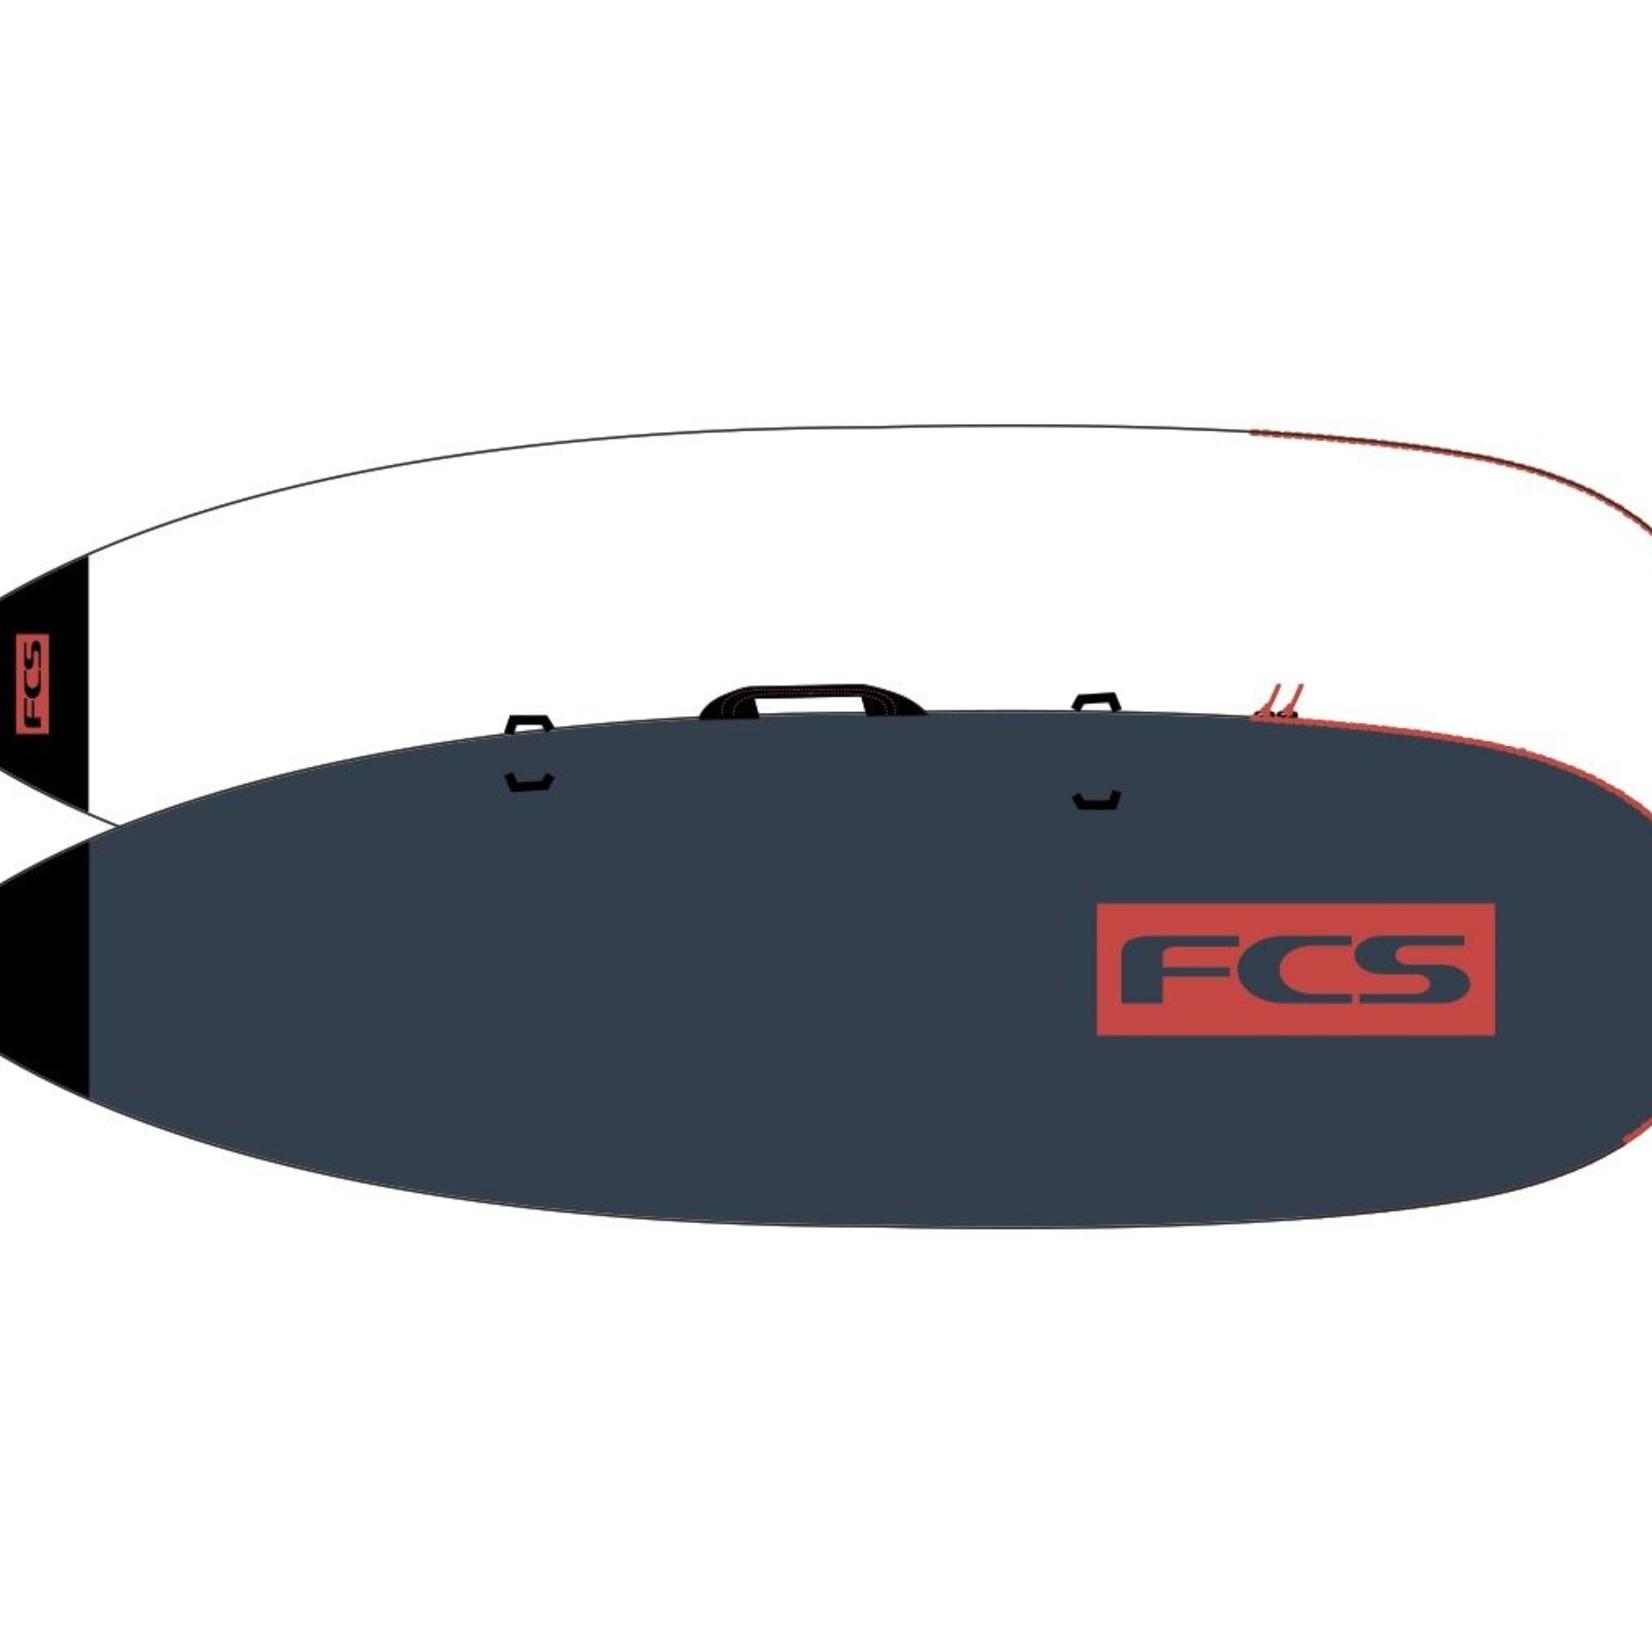 FCS FCS Classic Board Bags 6'7 Funboard